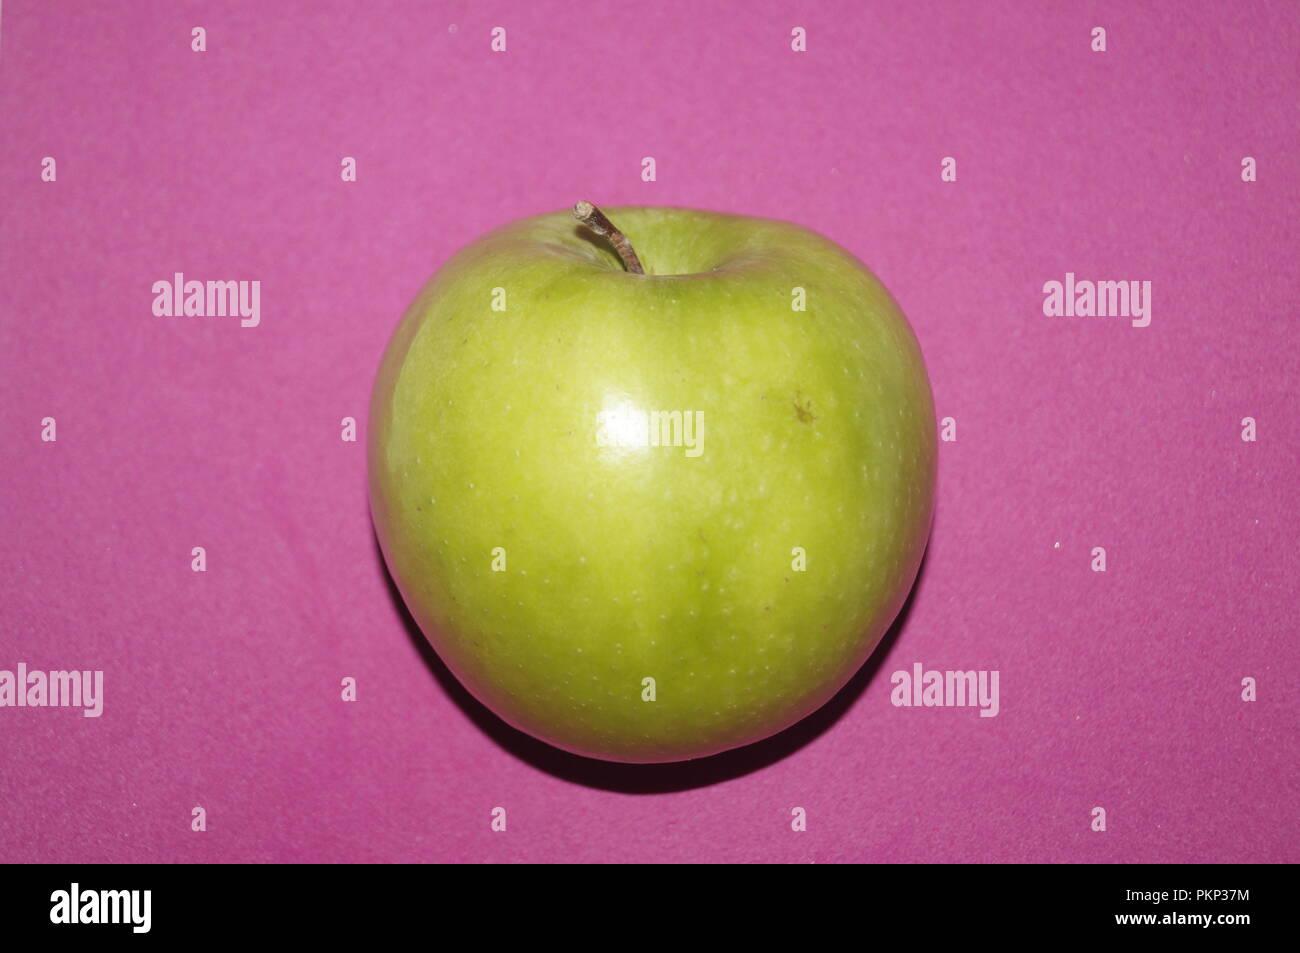 Verde Mela Sfondo Rosa Malus Domestica Foto Immagine Stock